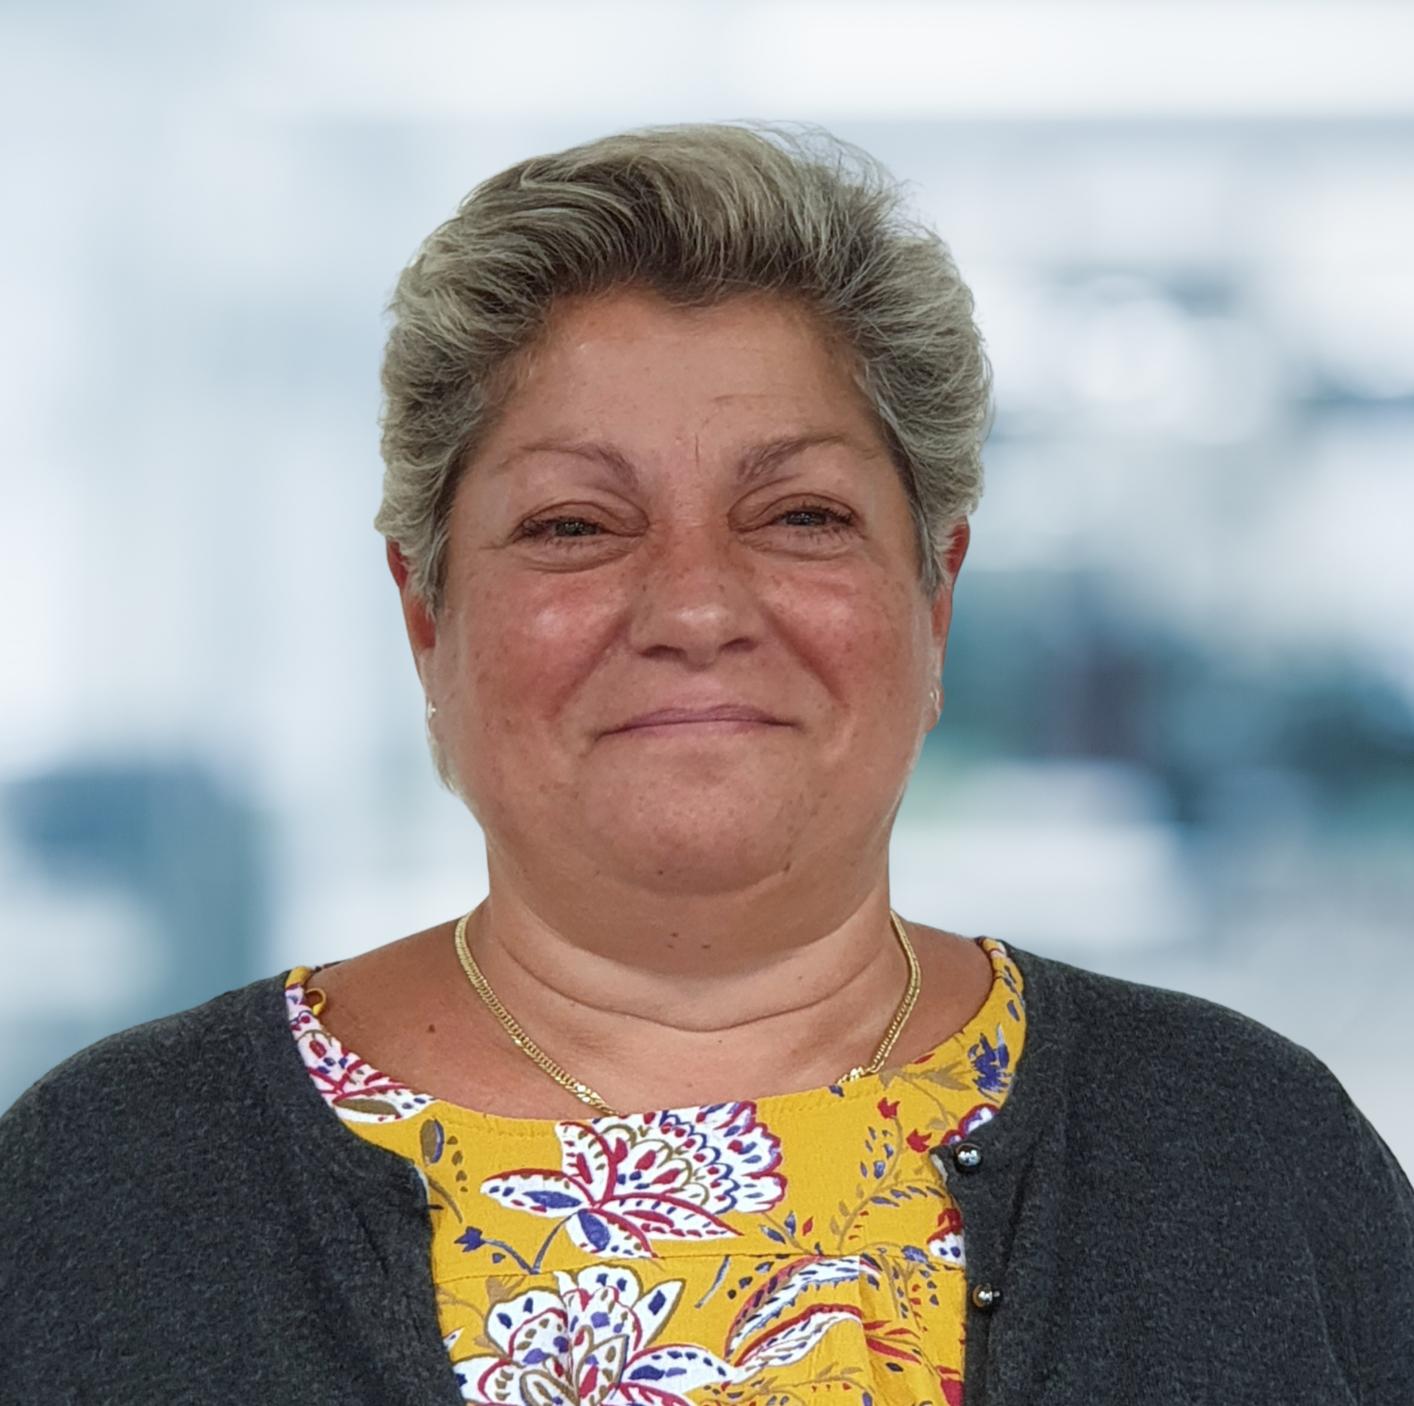 Carole Tucker Evolution Financial Services & Executive Mortgages Teddington Administrator